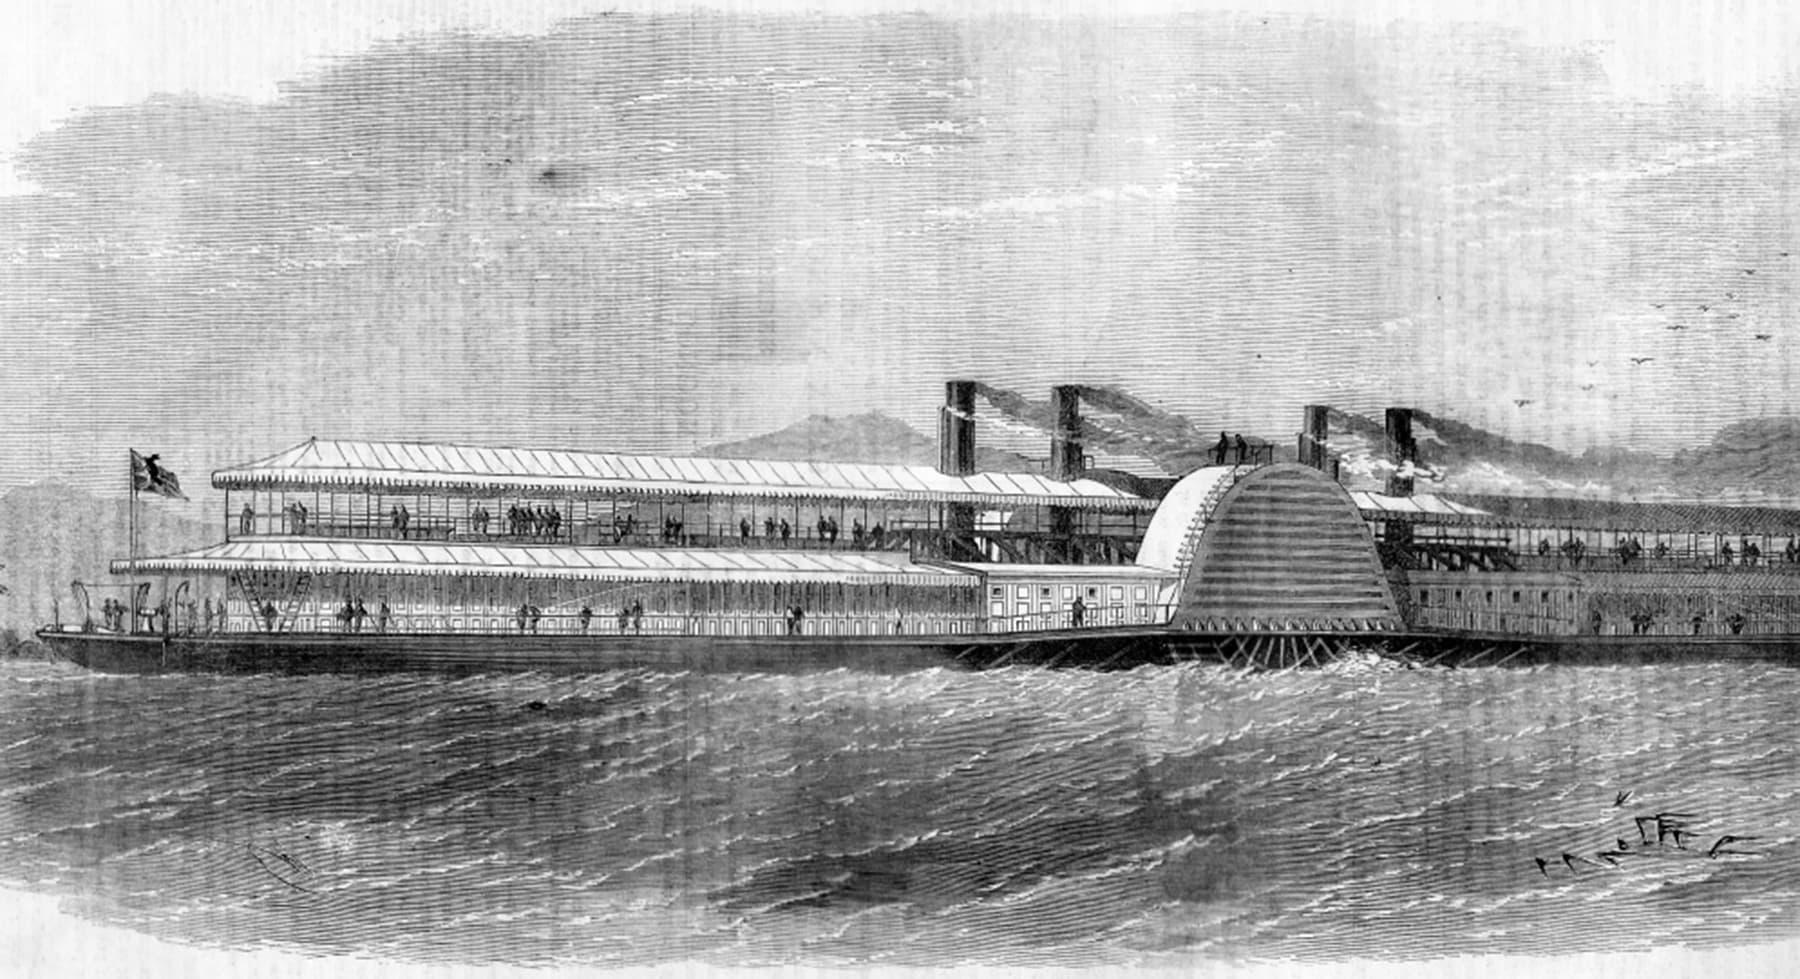 انڈس فلوٹیلا جہاز